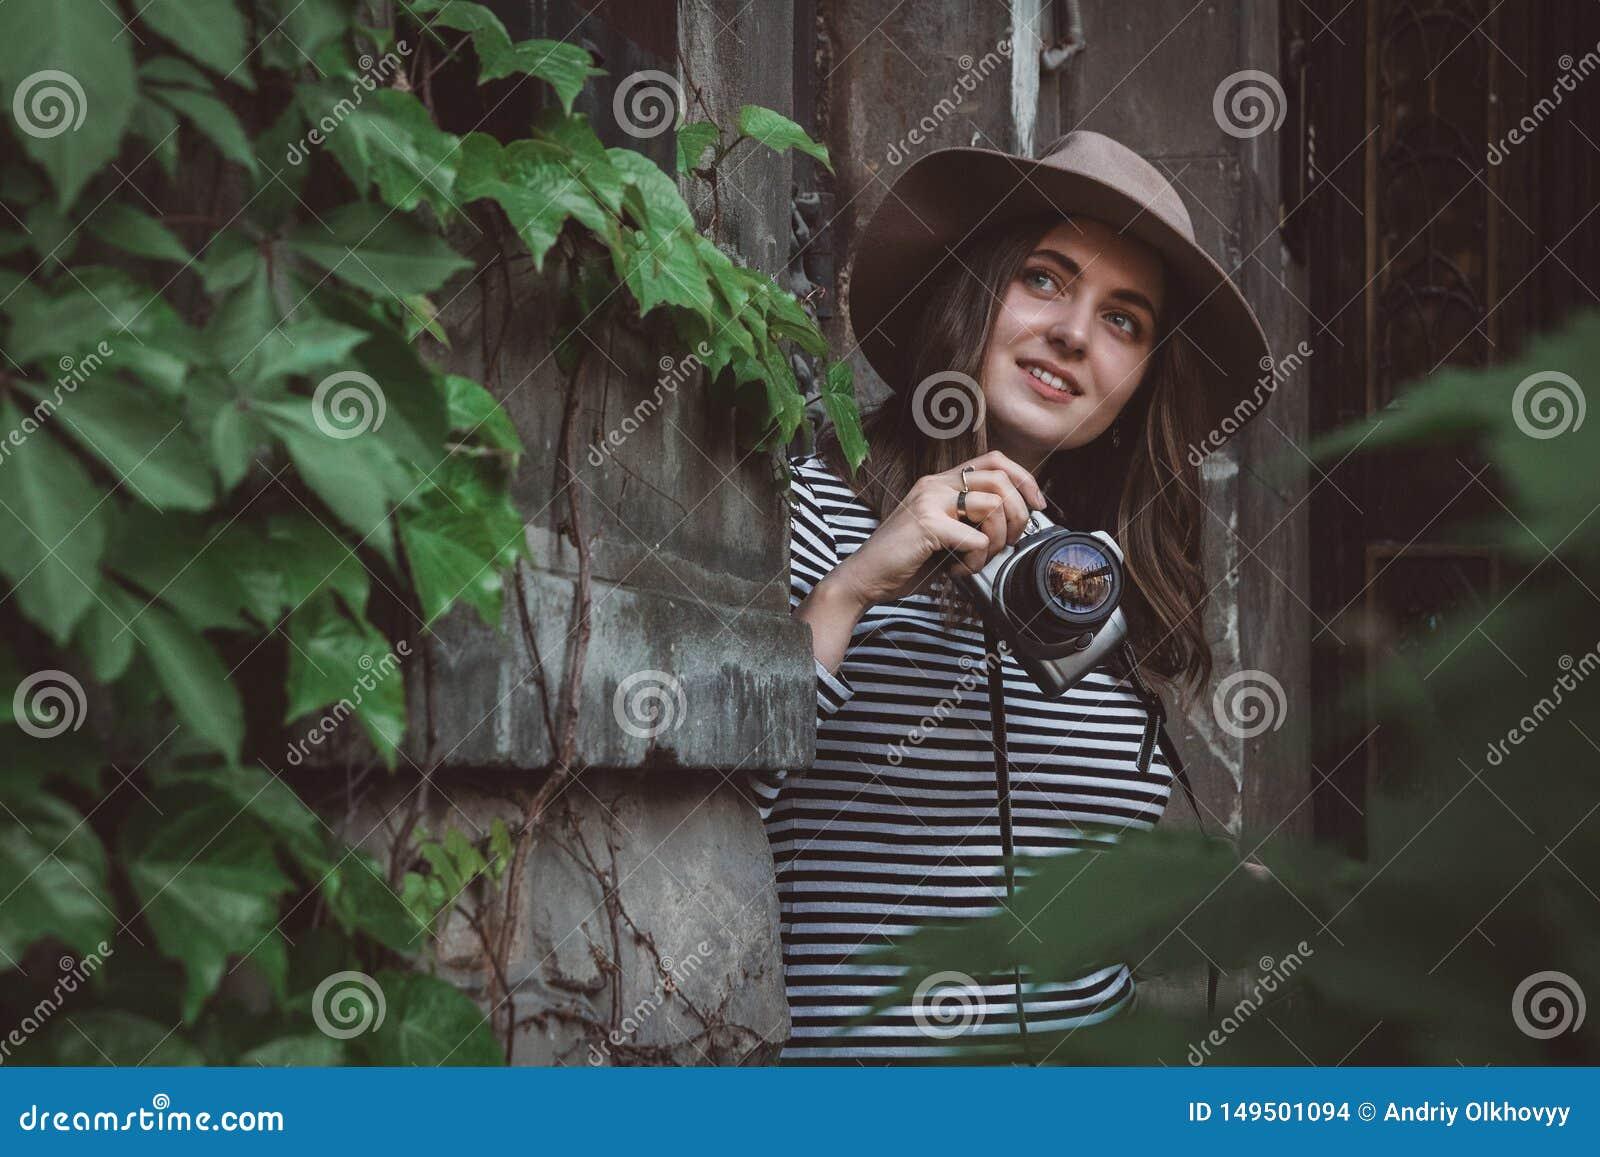 Молодая красивая женщина в шляпе фотографирует со старомодной камерой, outdoors